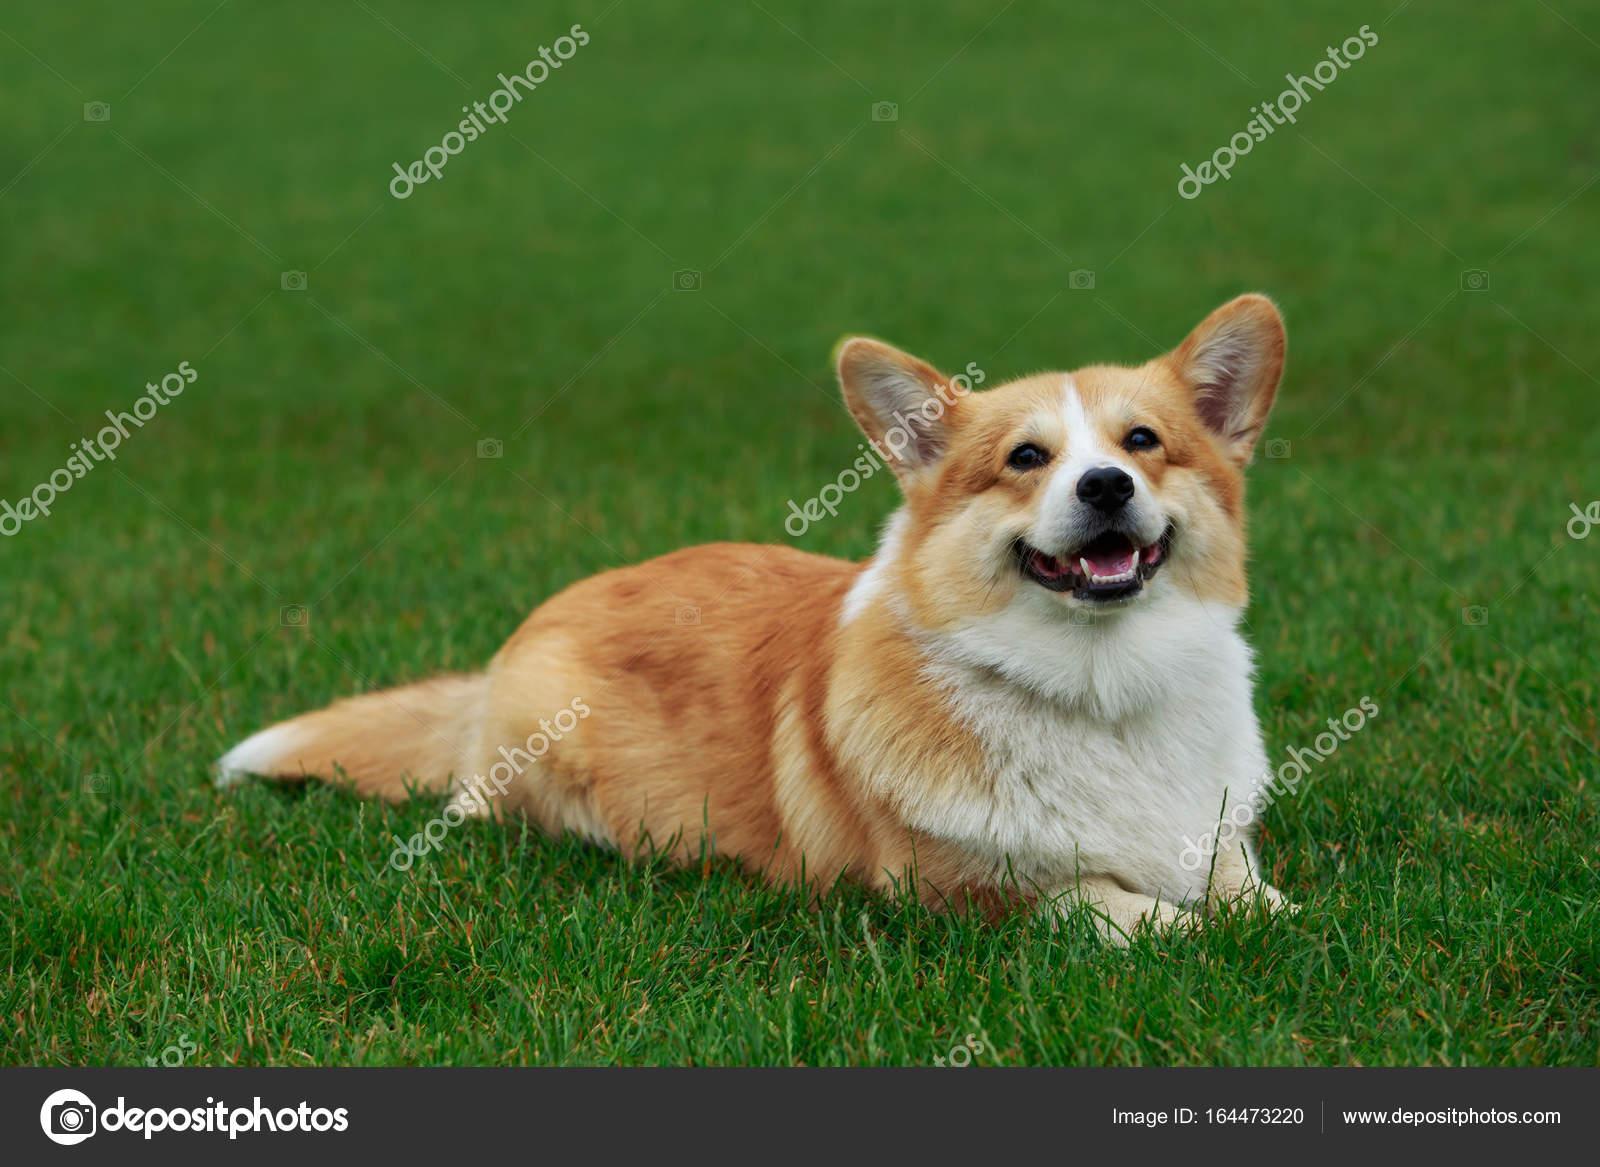 Nowość pies rasy welsh corgi pembroke — Zdjęcie stockowe © DevidDO #164473220 YE53